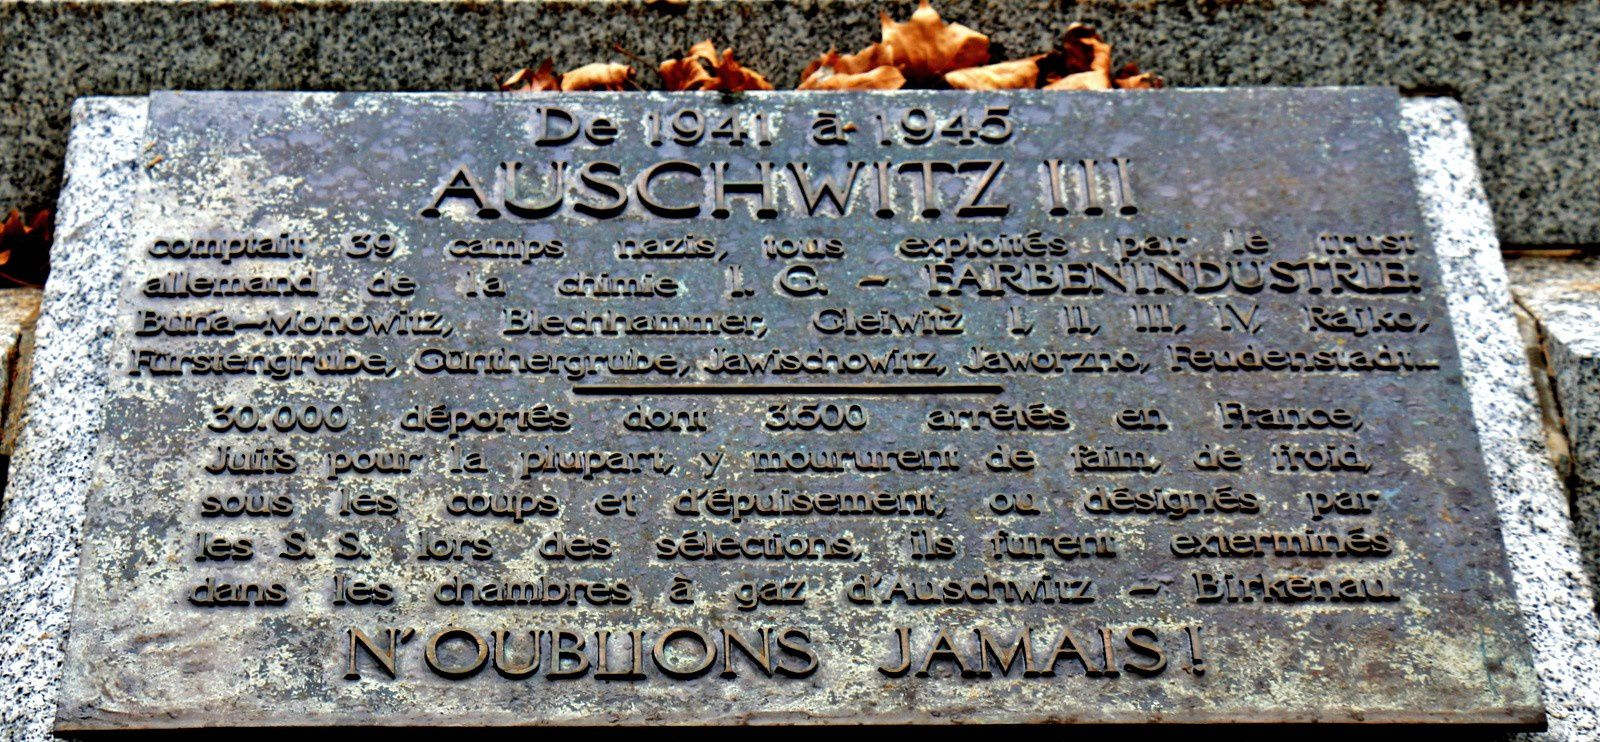 Monument de Buna-Monowitz-Auschwitz III et ses Kommandos